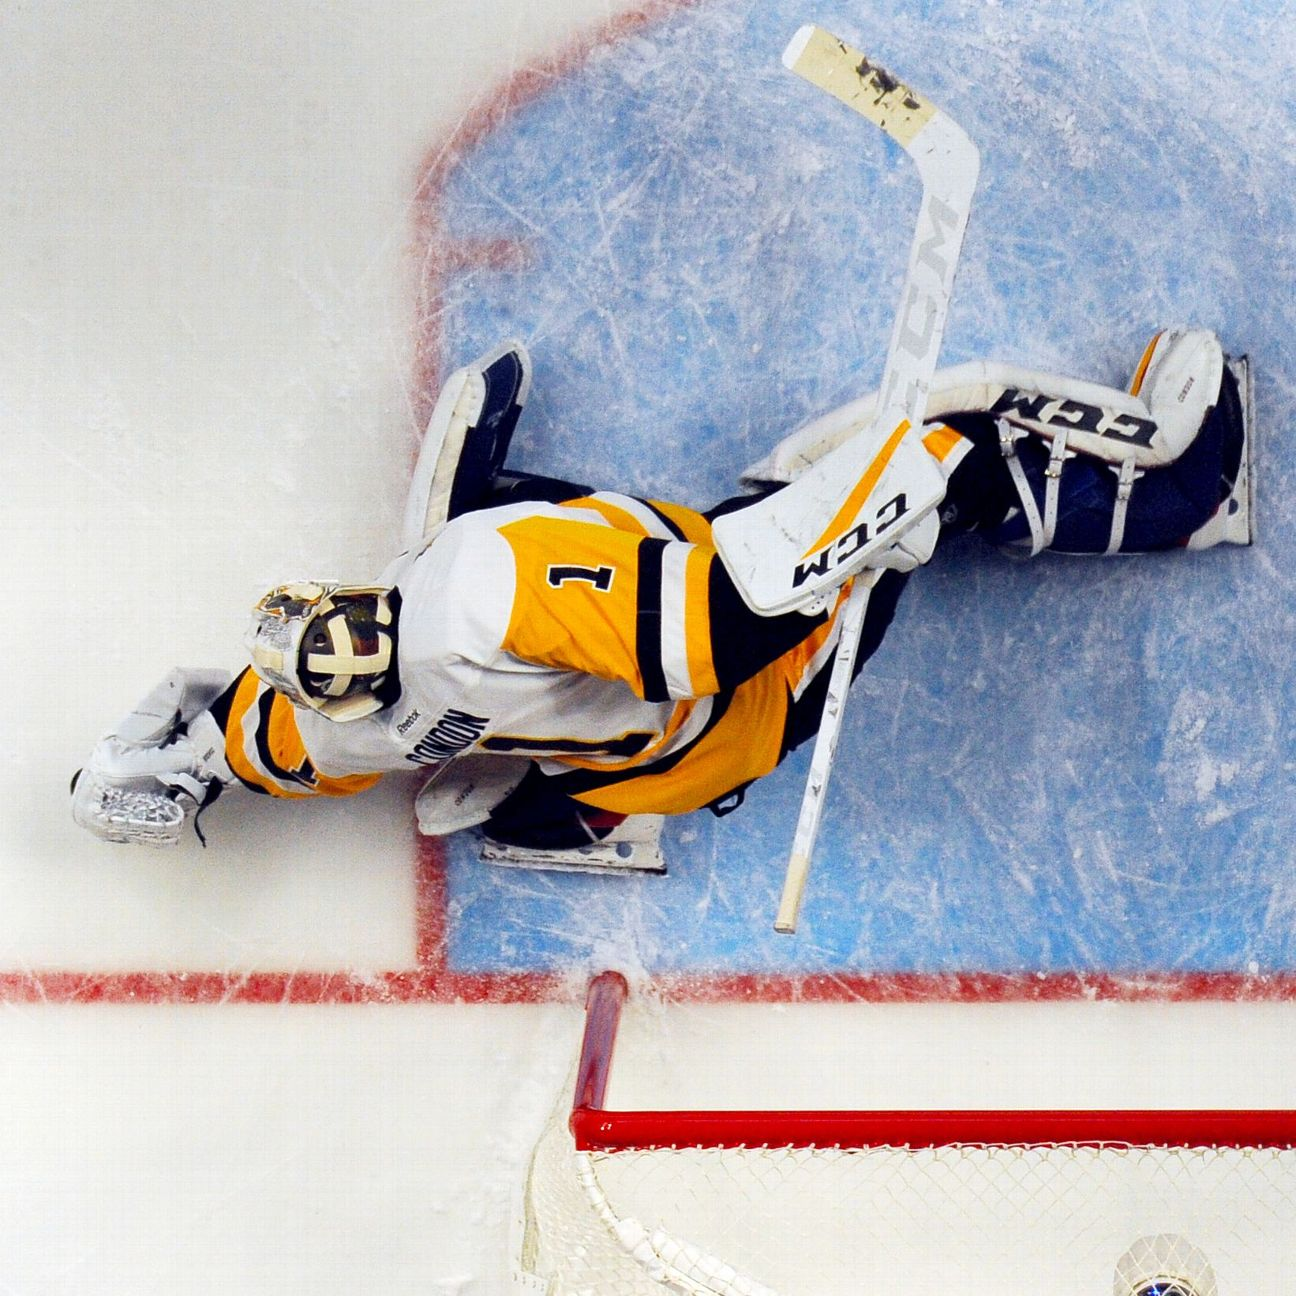 Senators Acquire Condon In Trade With Penguins